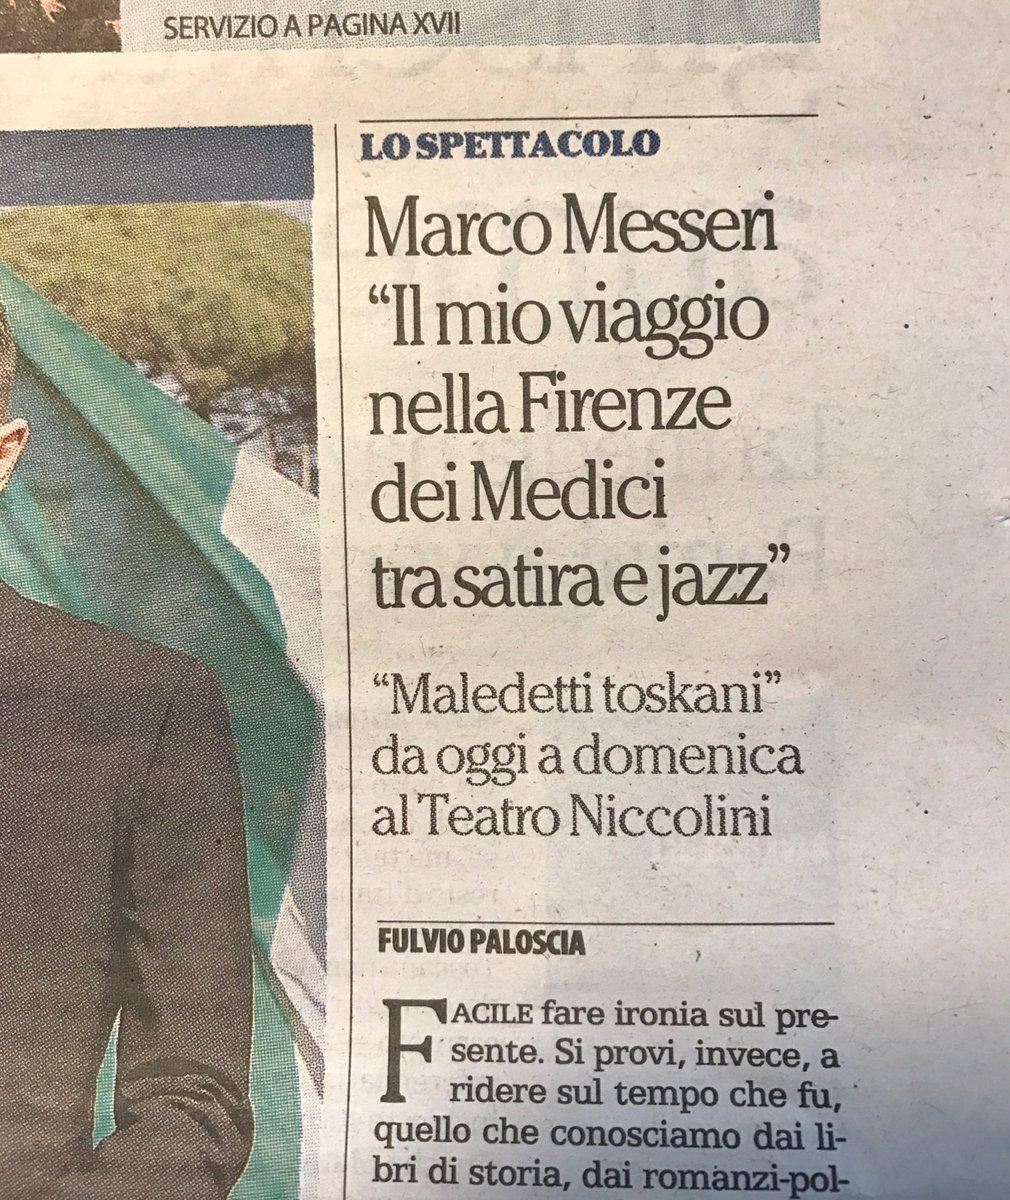 Maddalena Messeri On Twitter Intervista A Marcomesseri Oggi Su